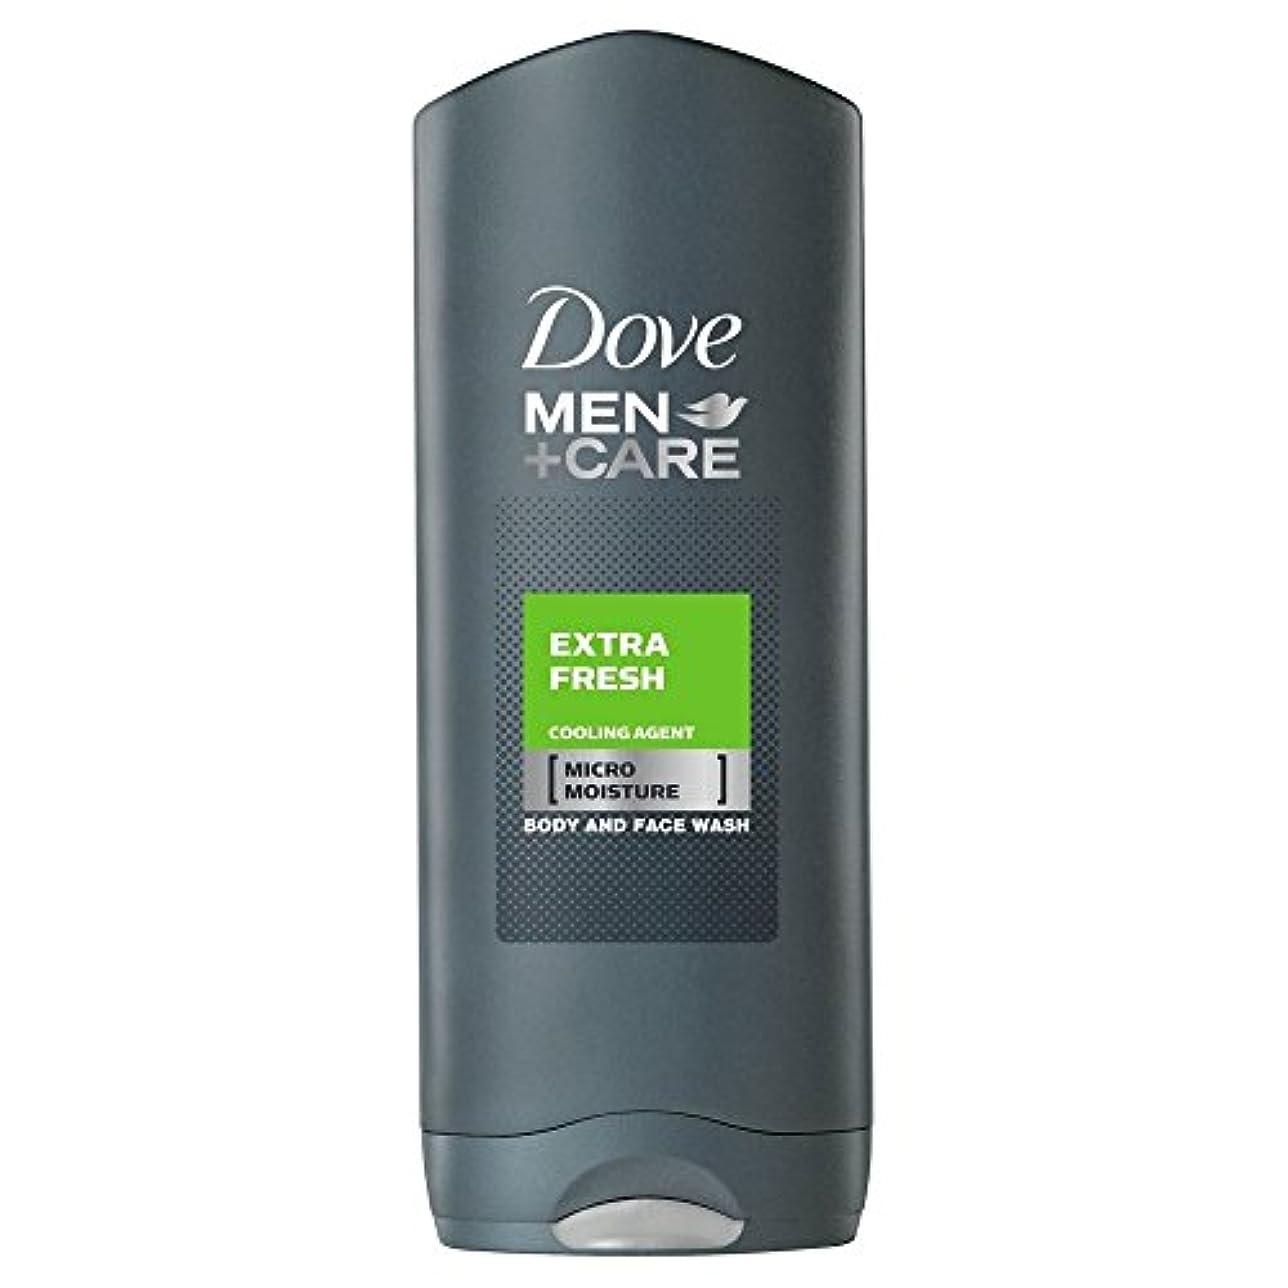 時代市の花混雑Dove Men + Care Body & Face Wash - Extra Fresh (250ml) 鳩の男性は+ボディと洗顔ケア - 余分な新鮮な( 250ミリリットル)を [並行輸入品]